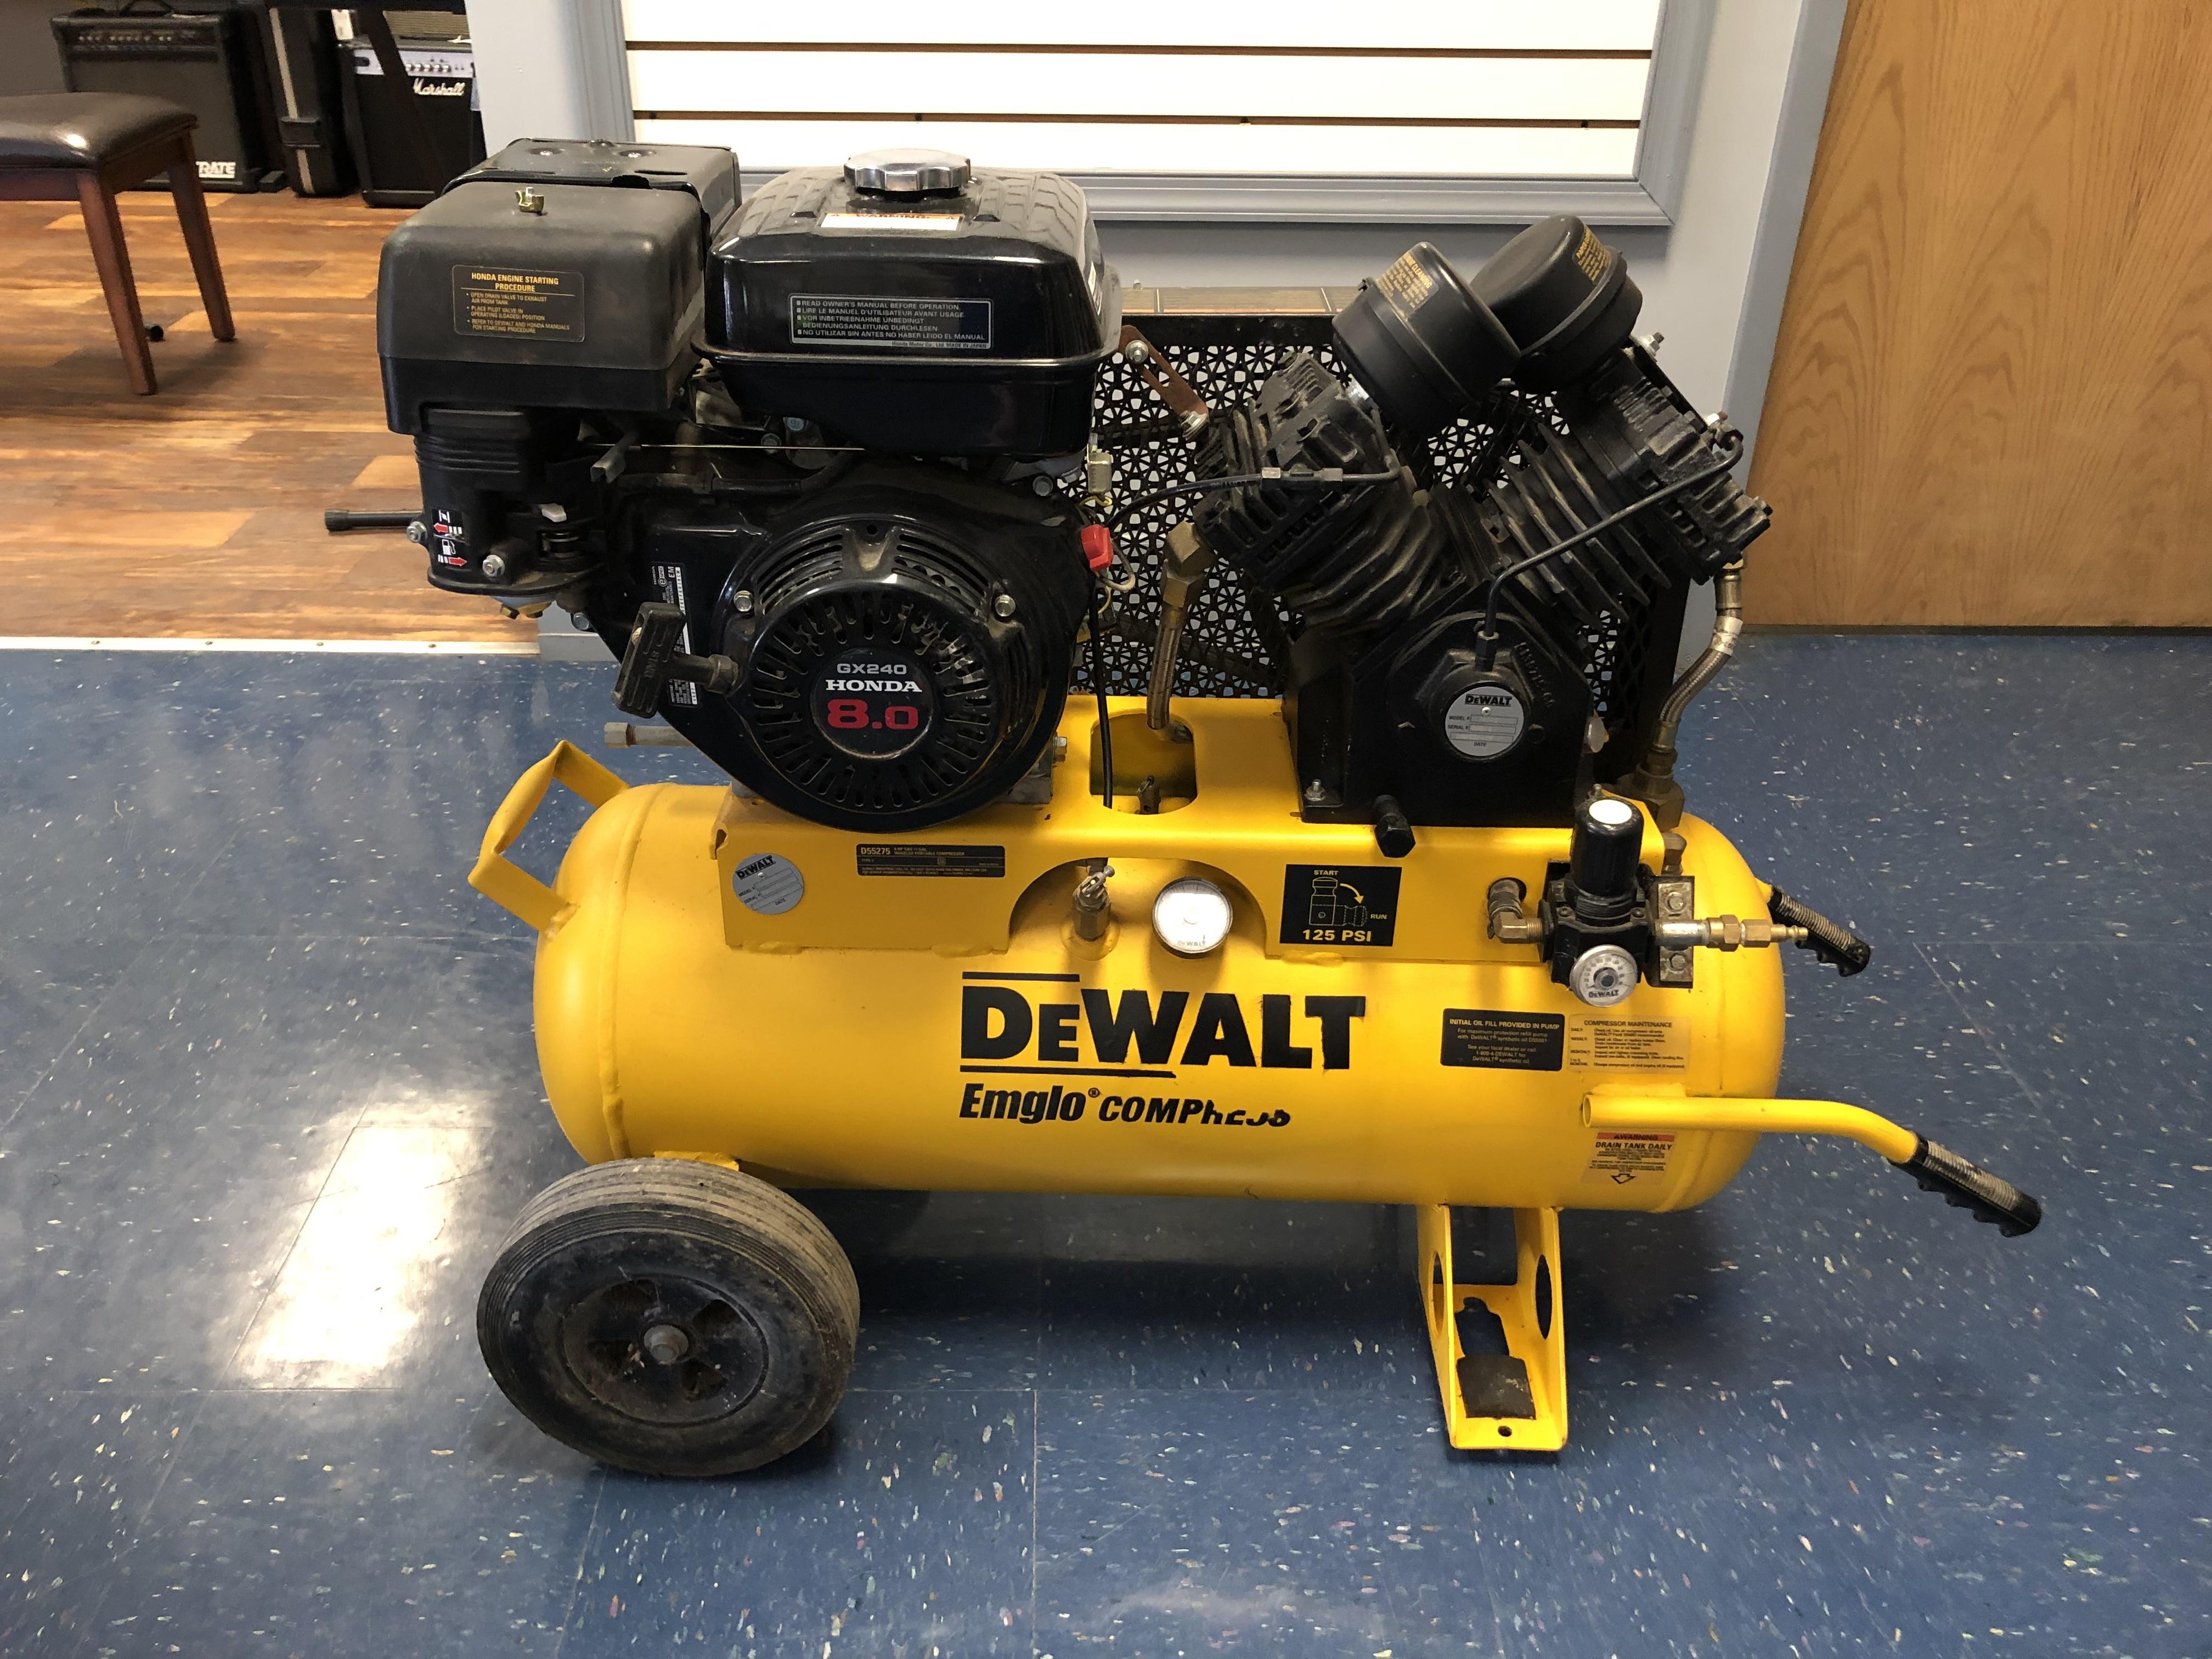 DEWALT D55275 AIR COMPRESSOR